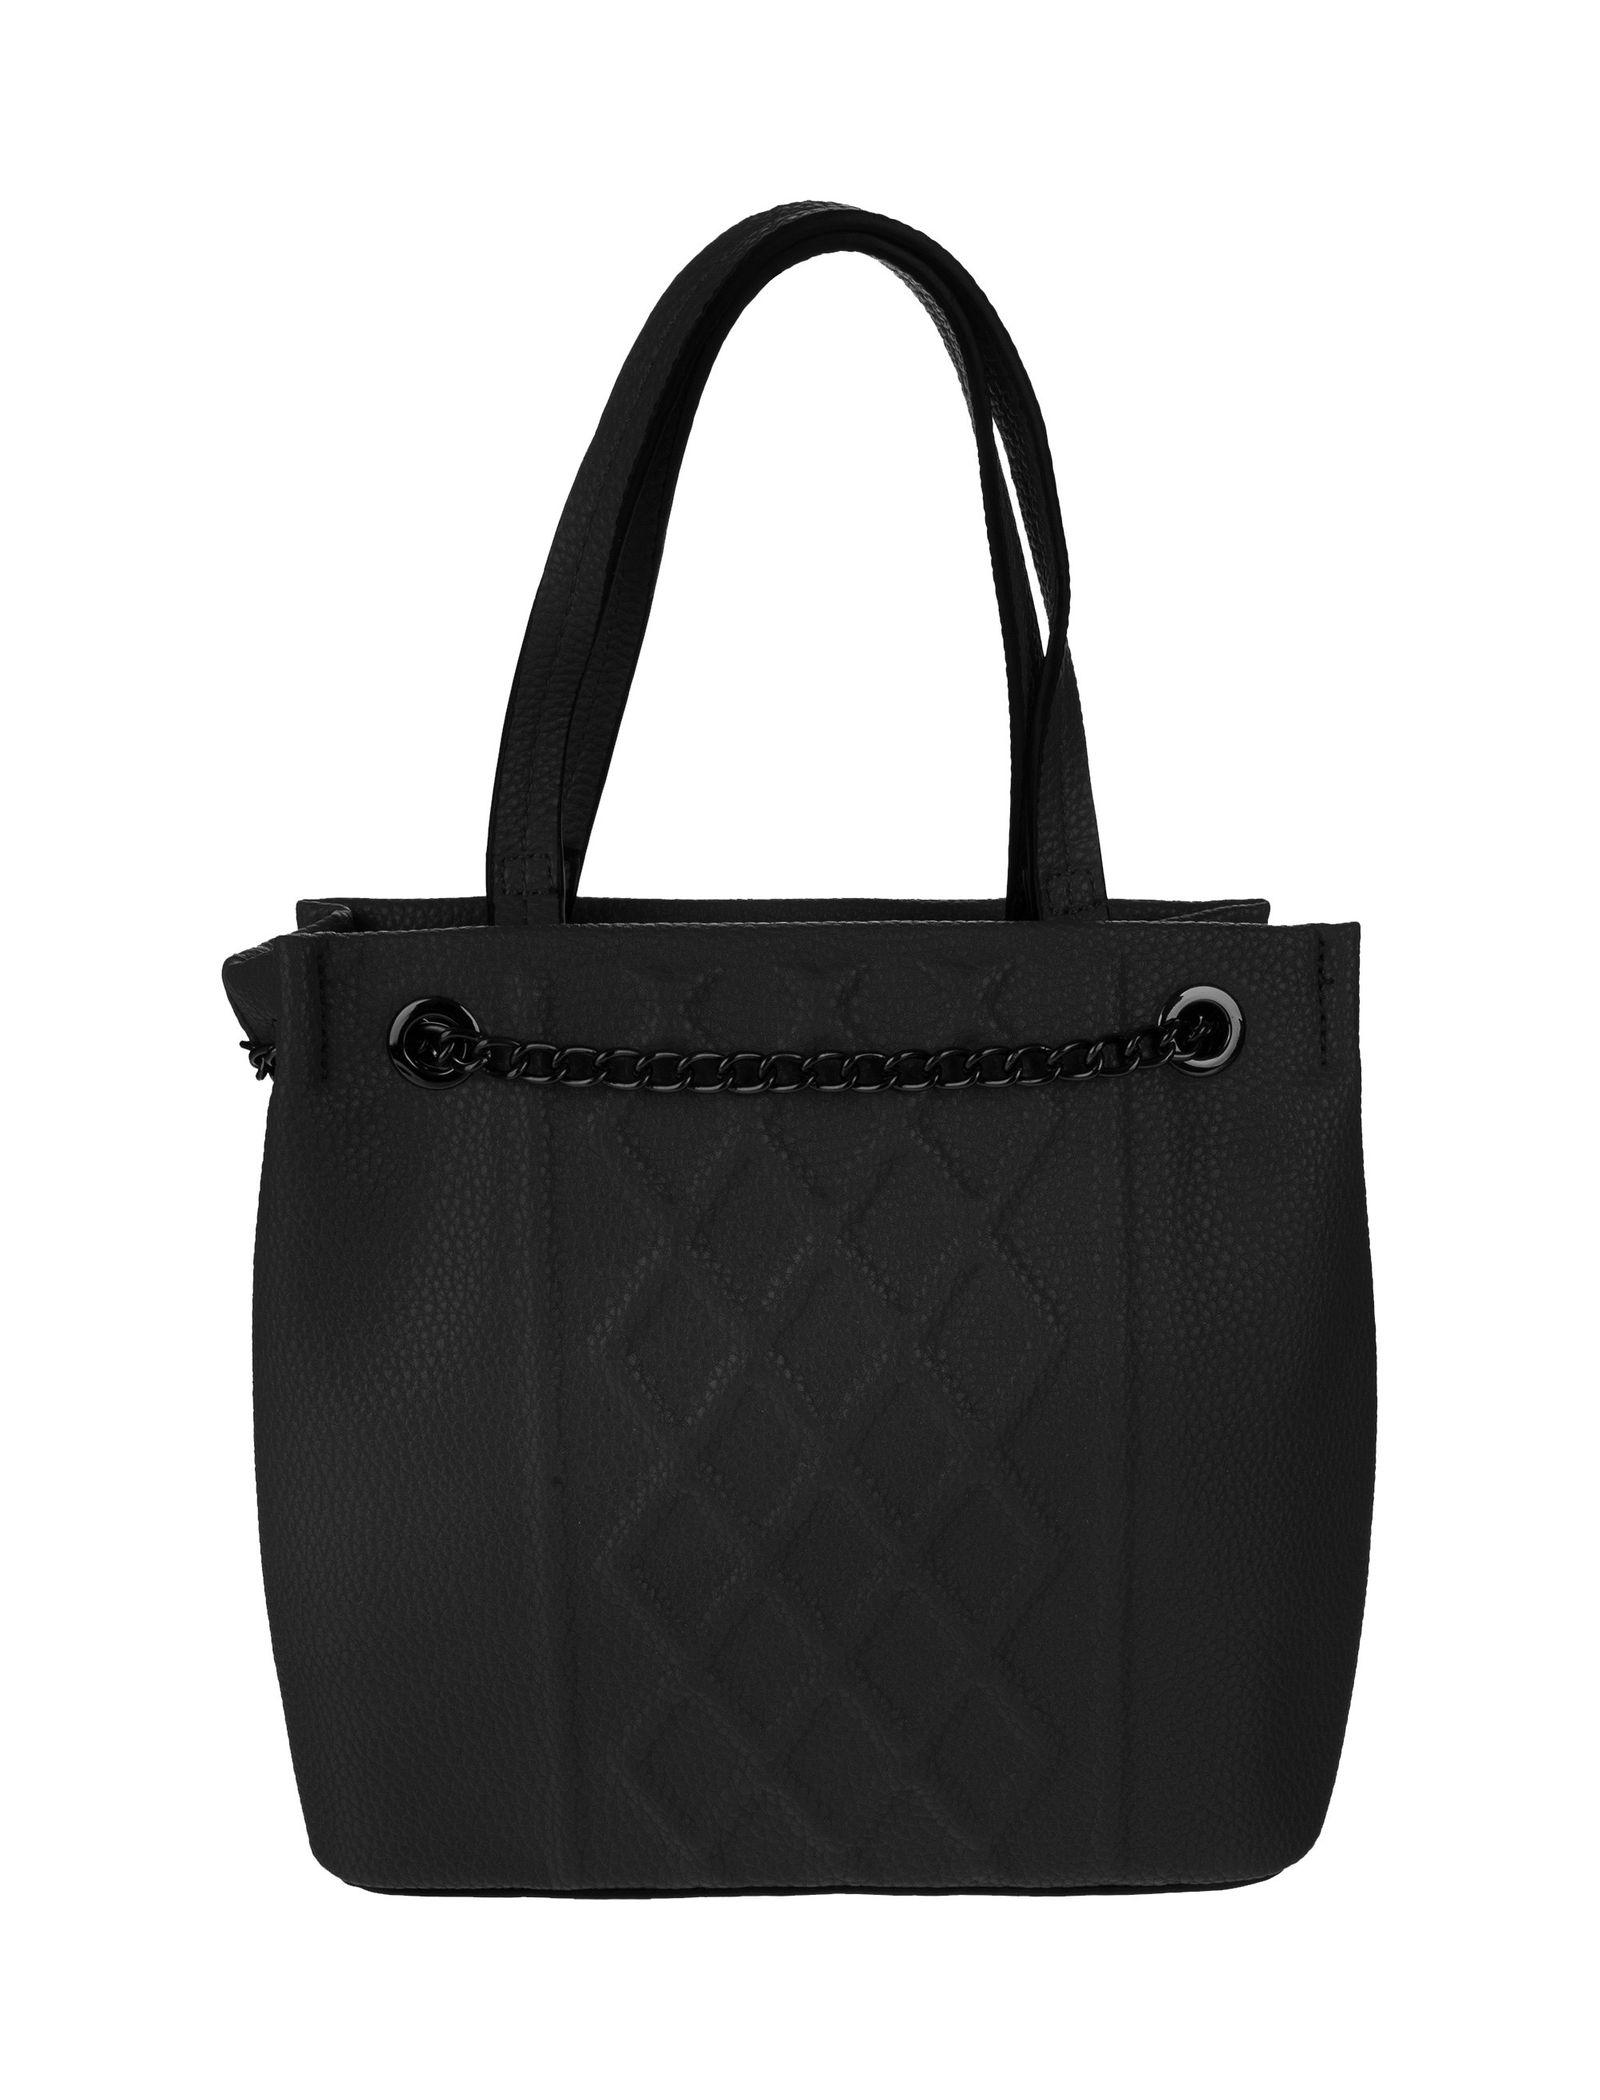 کیف دستی روزمره زنانه - جانی اند جانی تک سایز - مشکي - 2